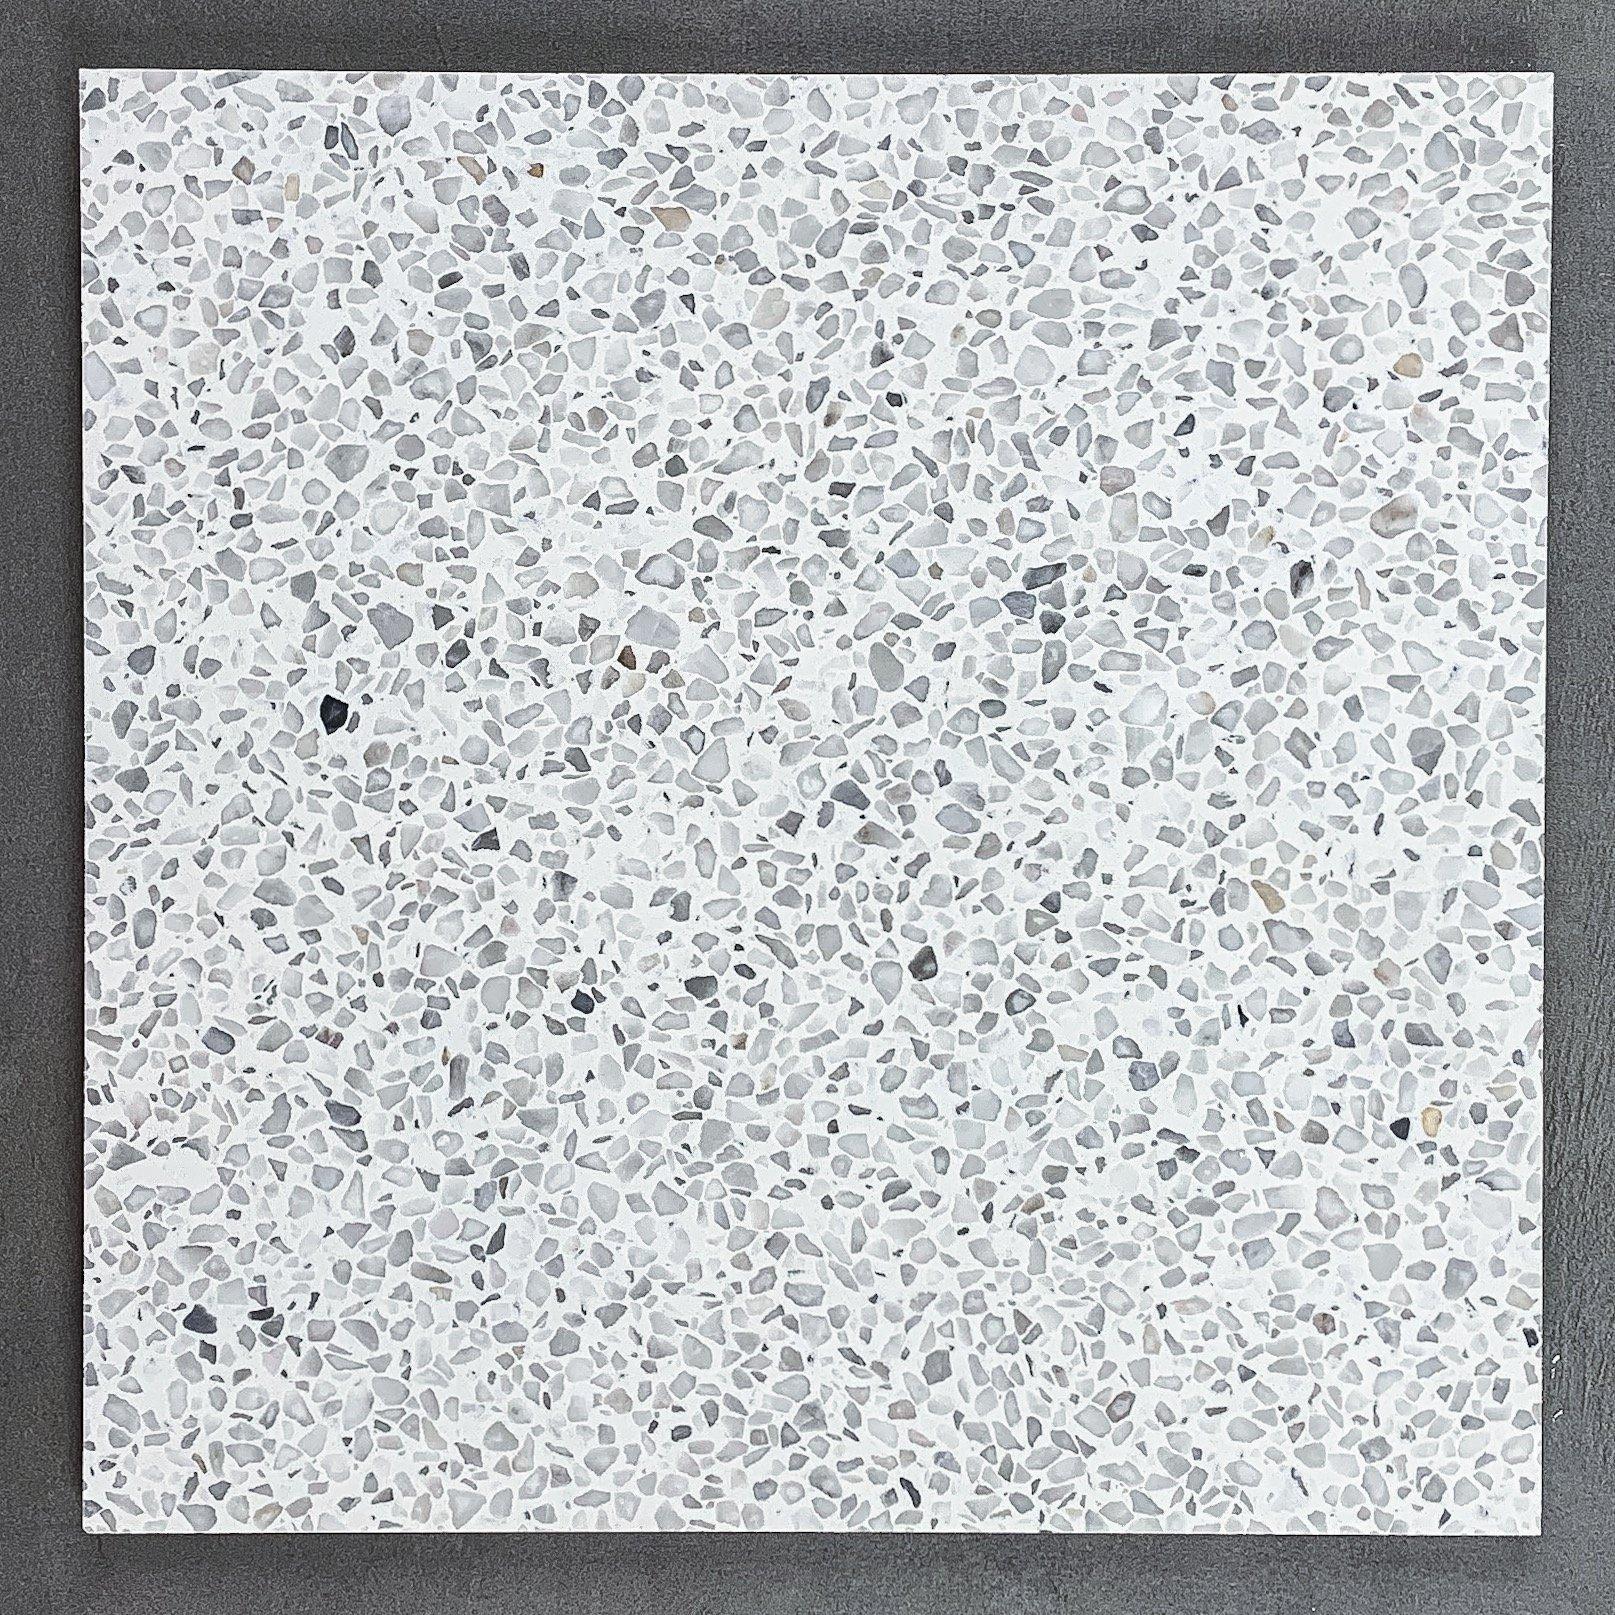 w1- Terrazzo Resin tiles